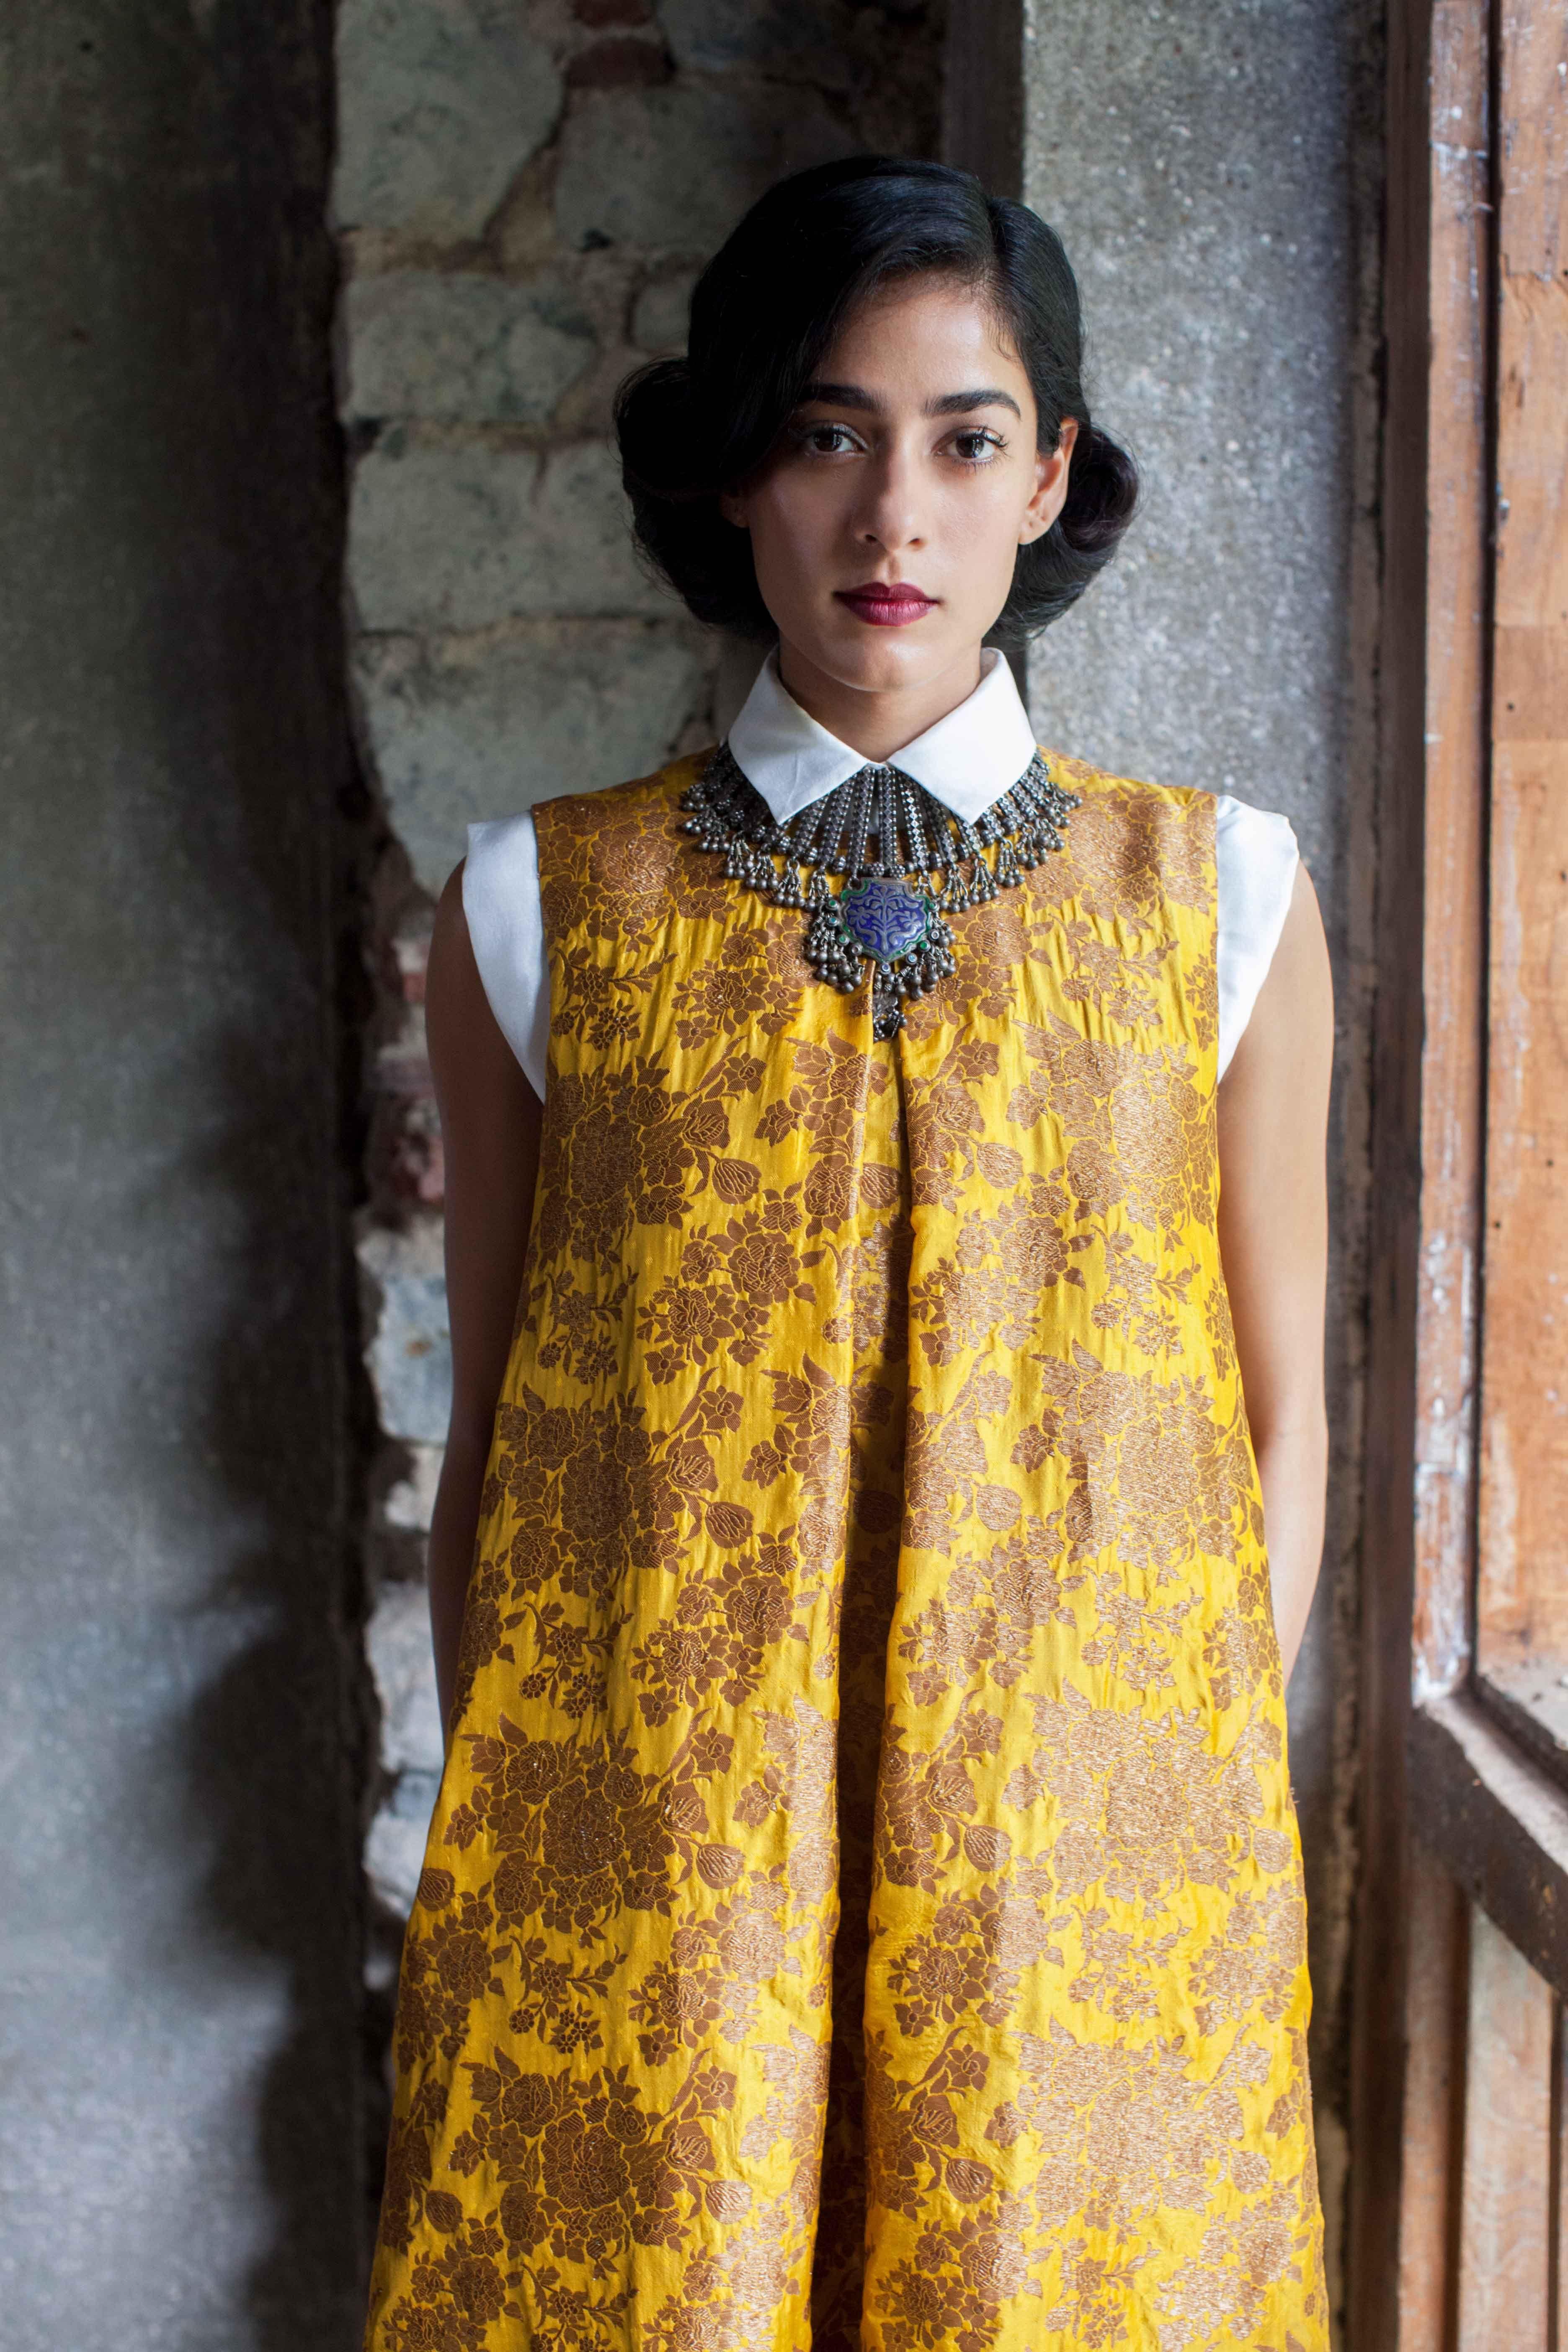 Payalkhandwala aw silk shirt and brocade maxi dress